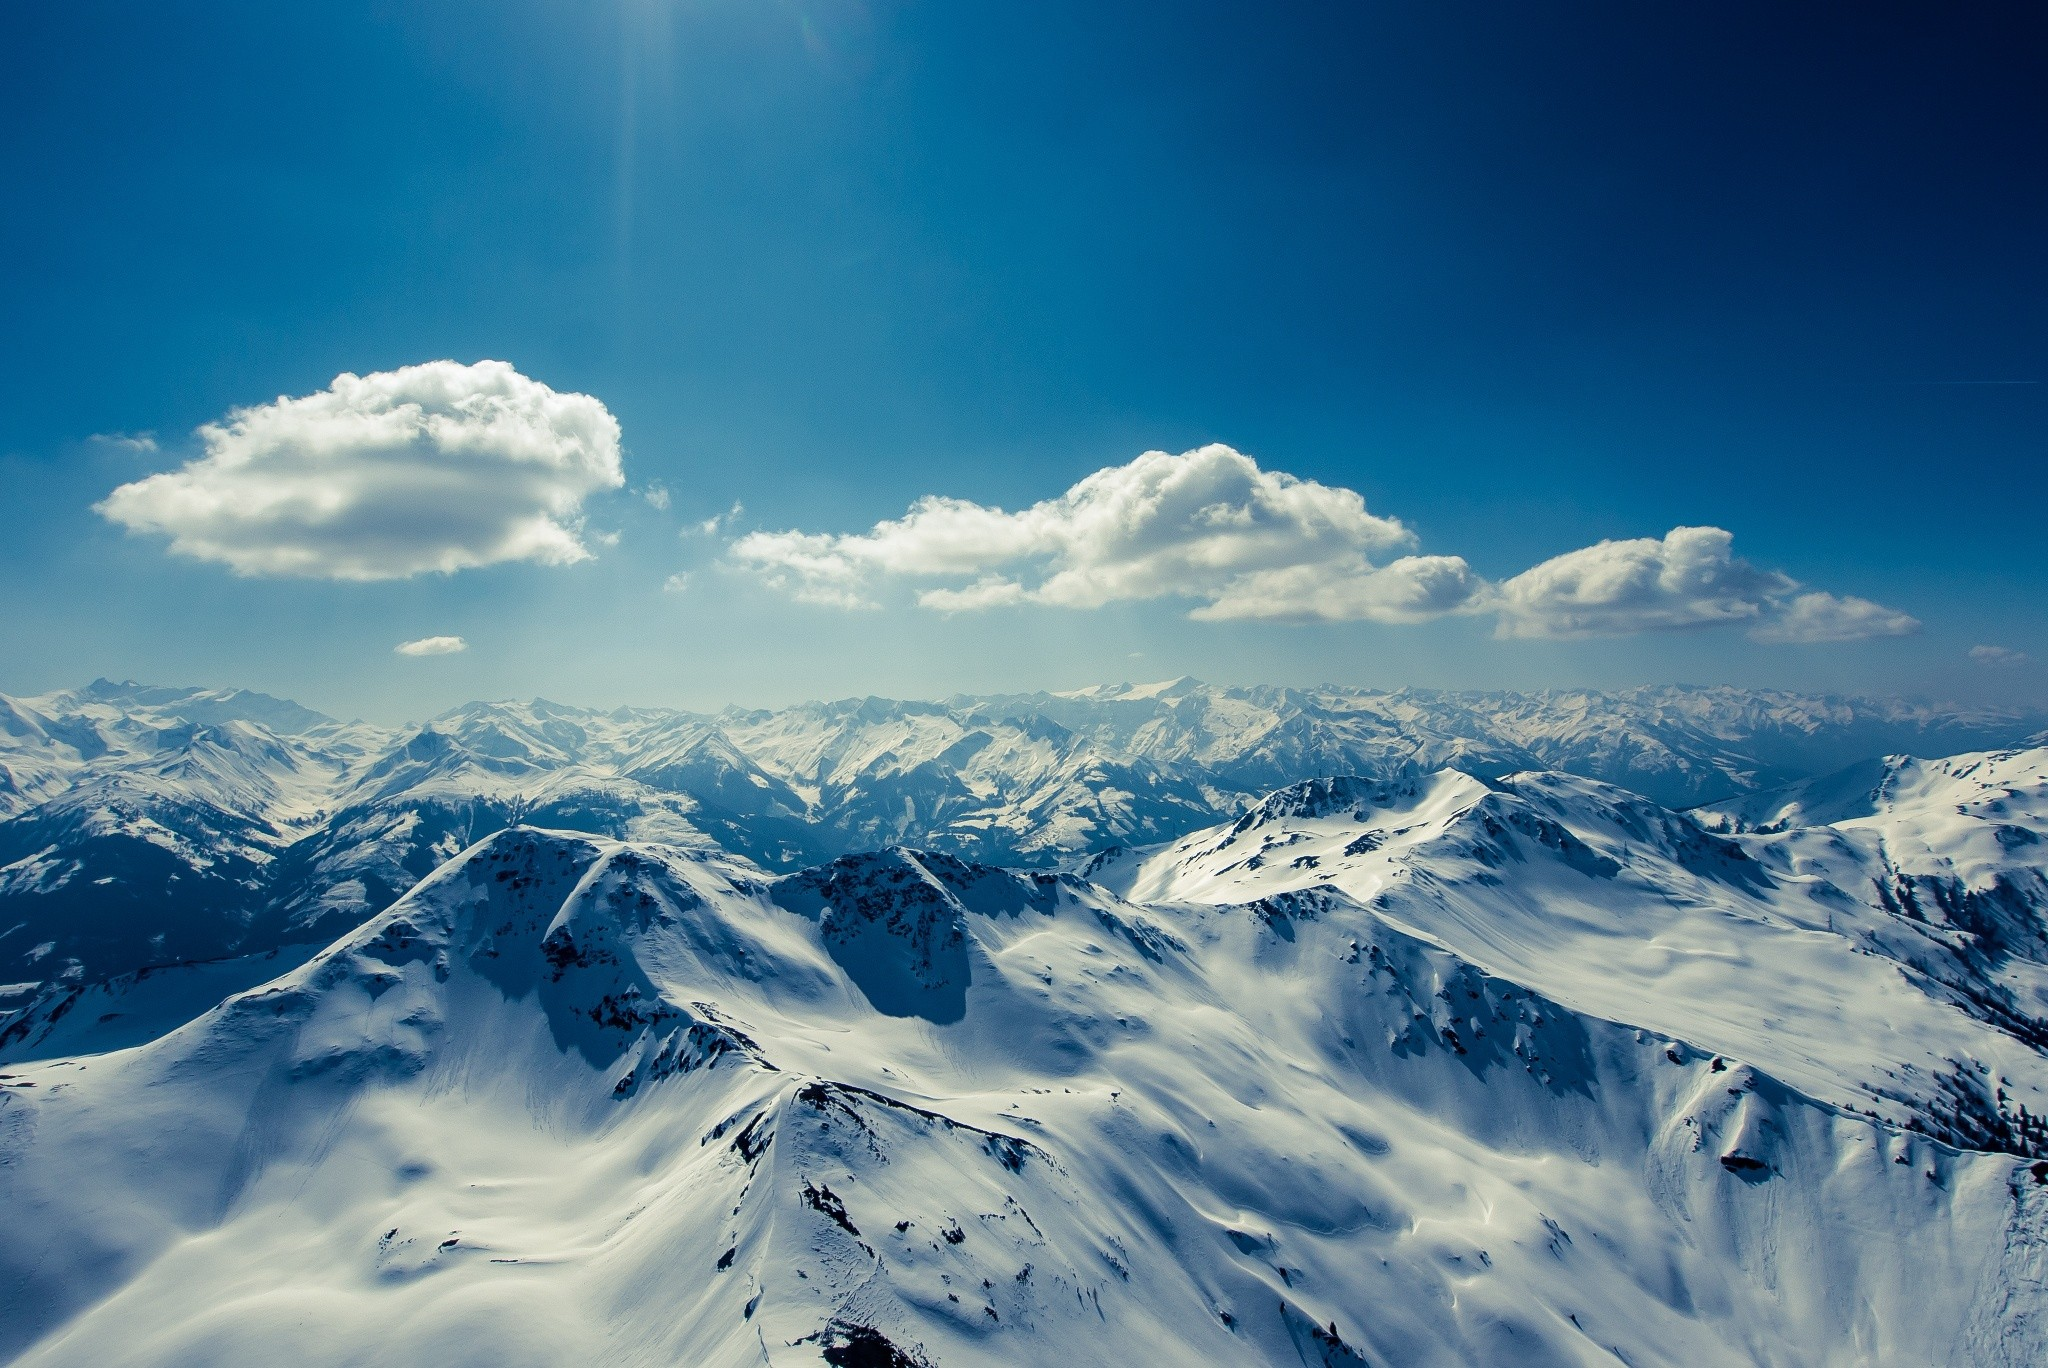 Картинка облака и горы